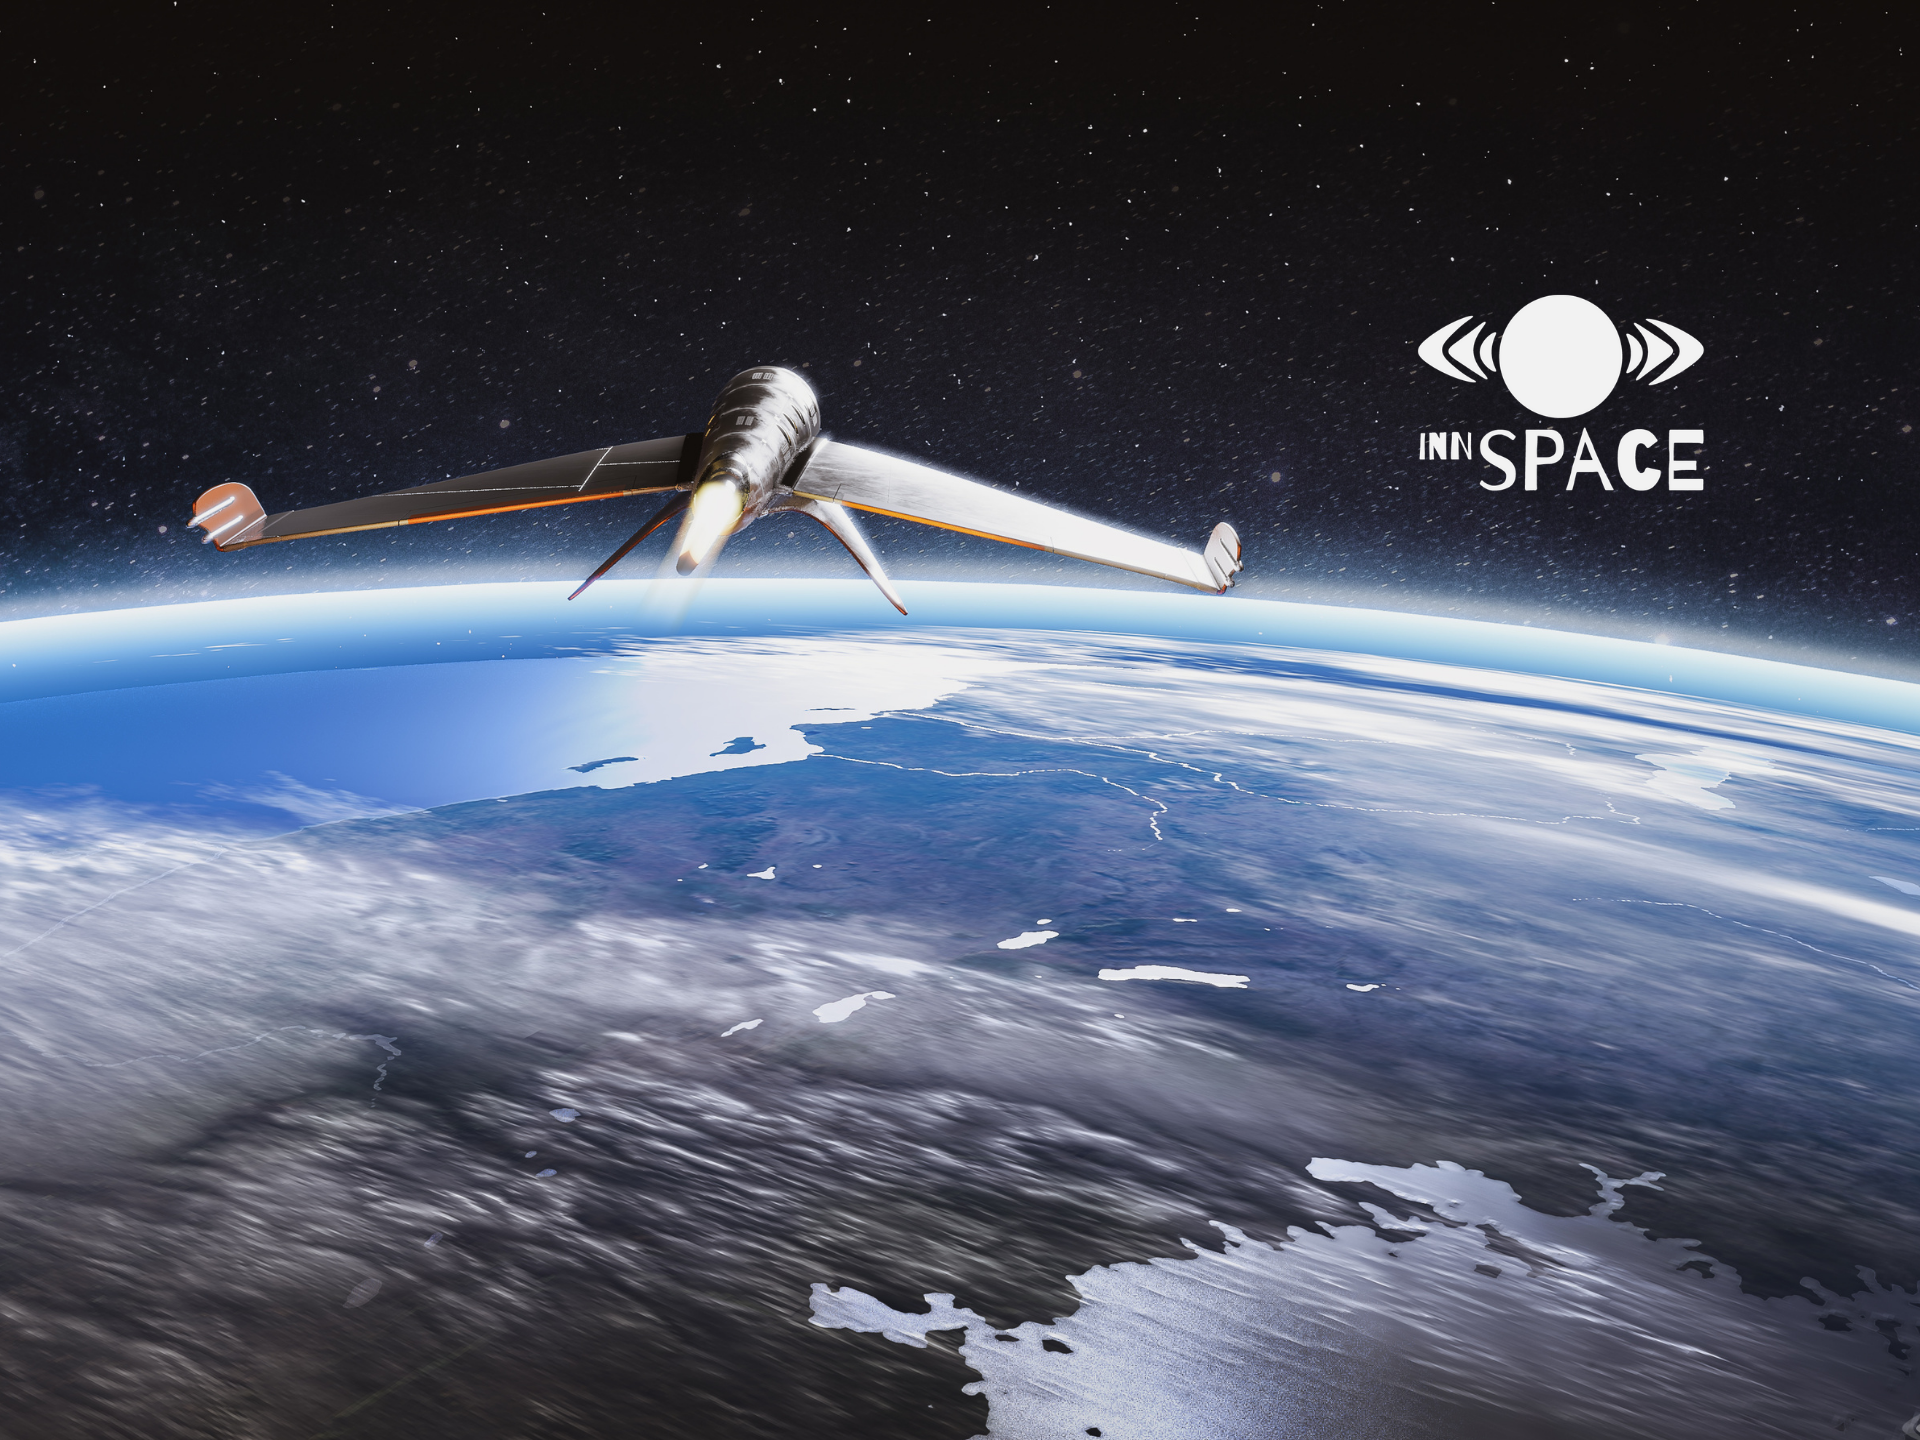 Technologie, które mają znaczący wpływ na eksplorację kosmosu